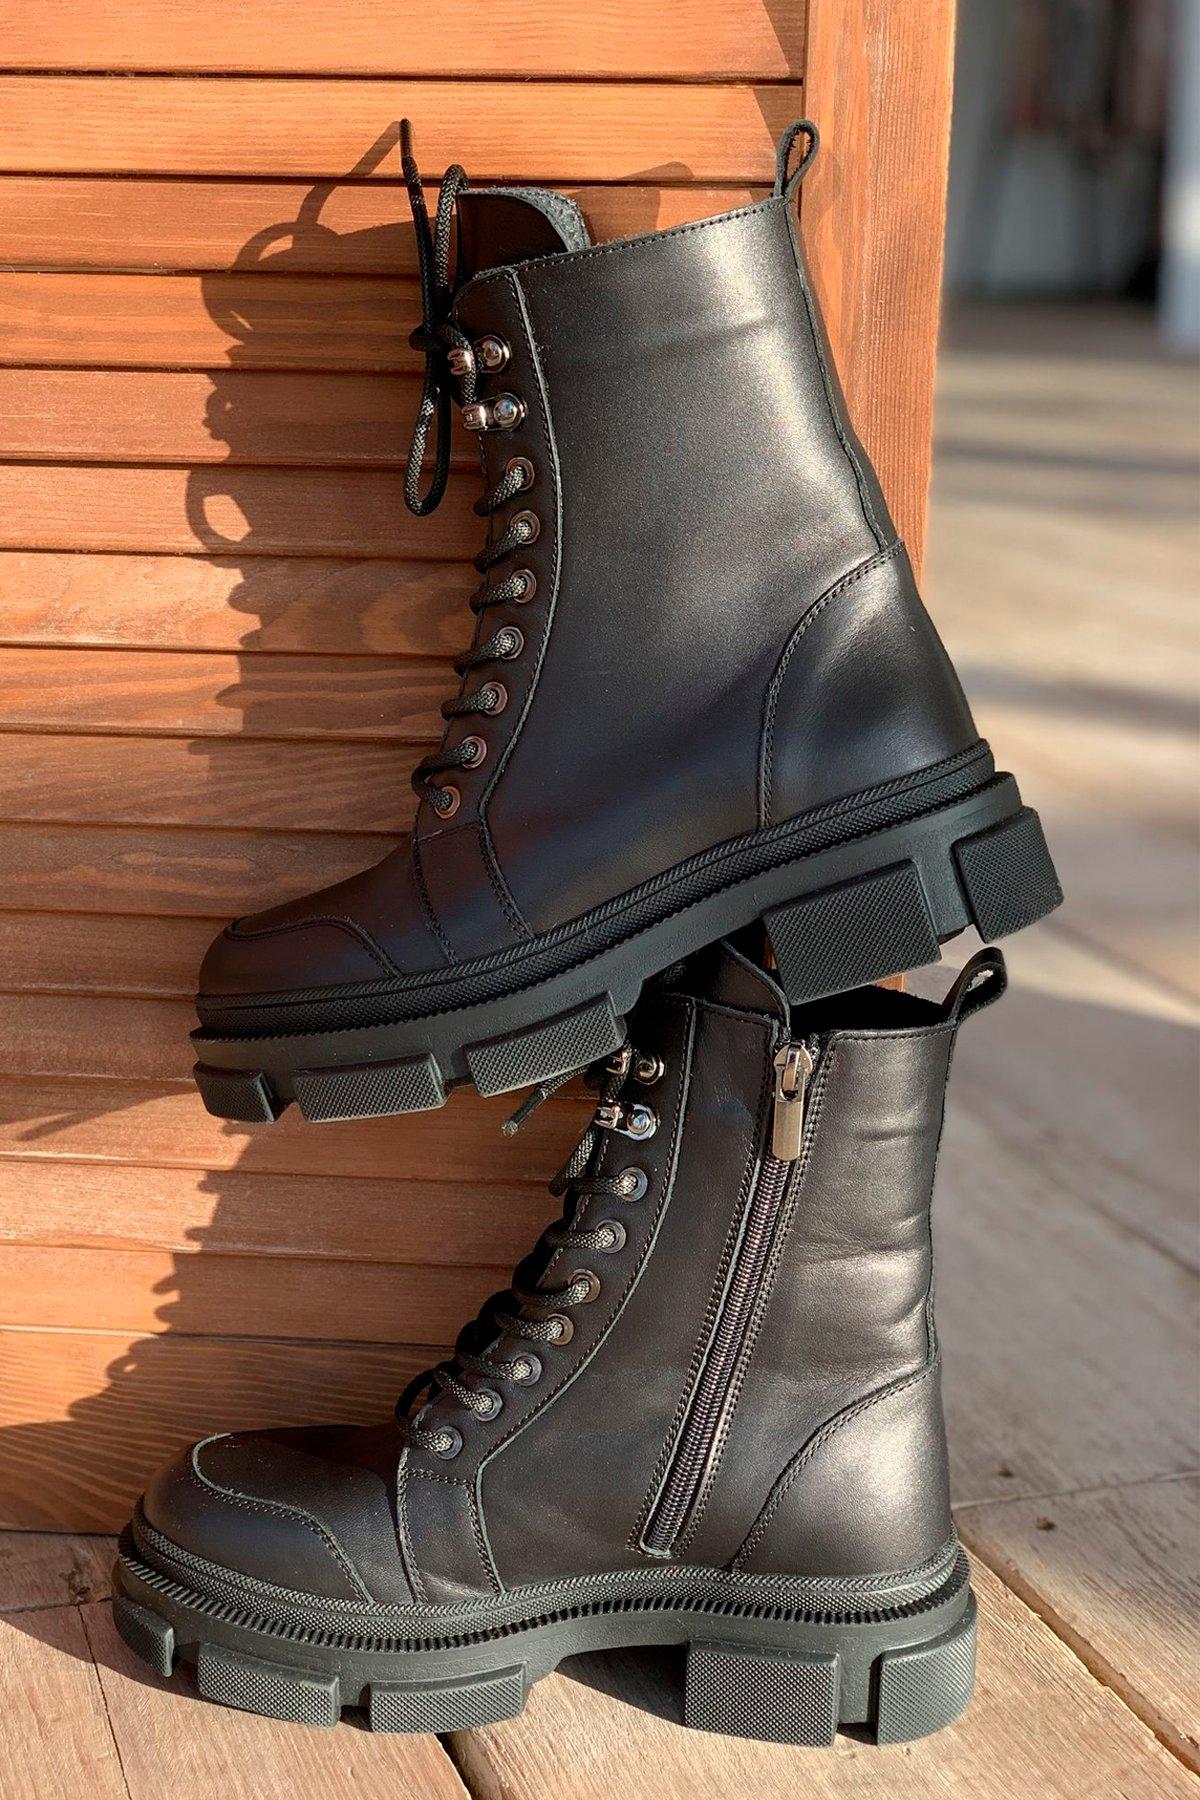 Ботинки зимние 260/7 АРТ. 46300 Цвет: Черный - фото 5, интернет магазин tm-modus.ru